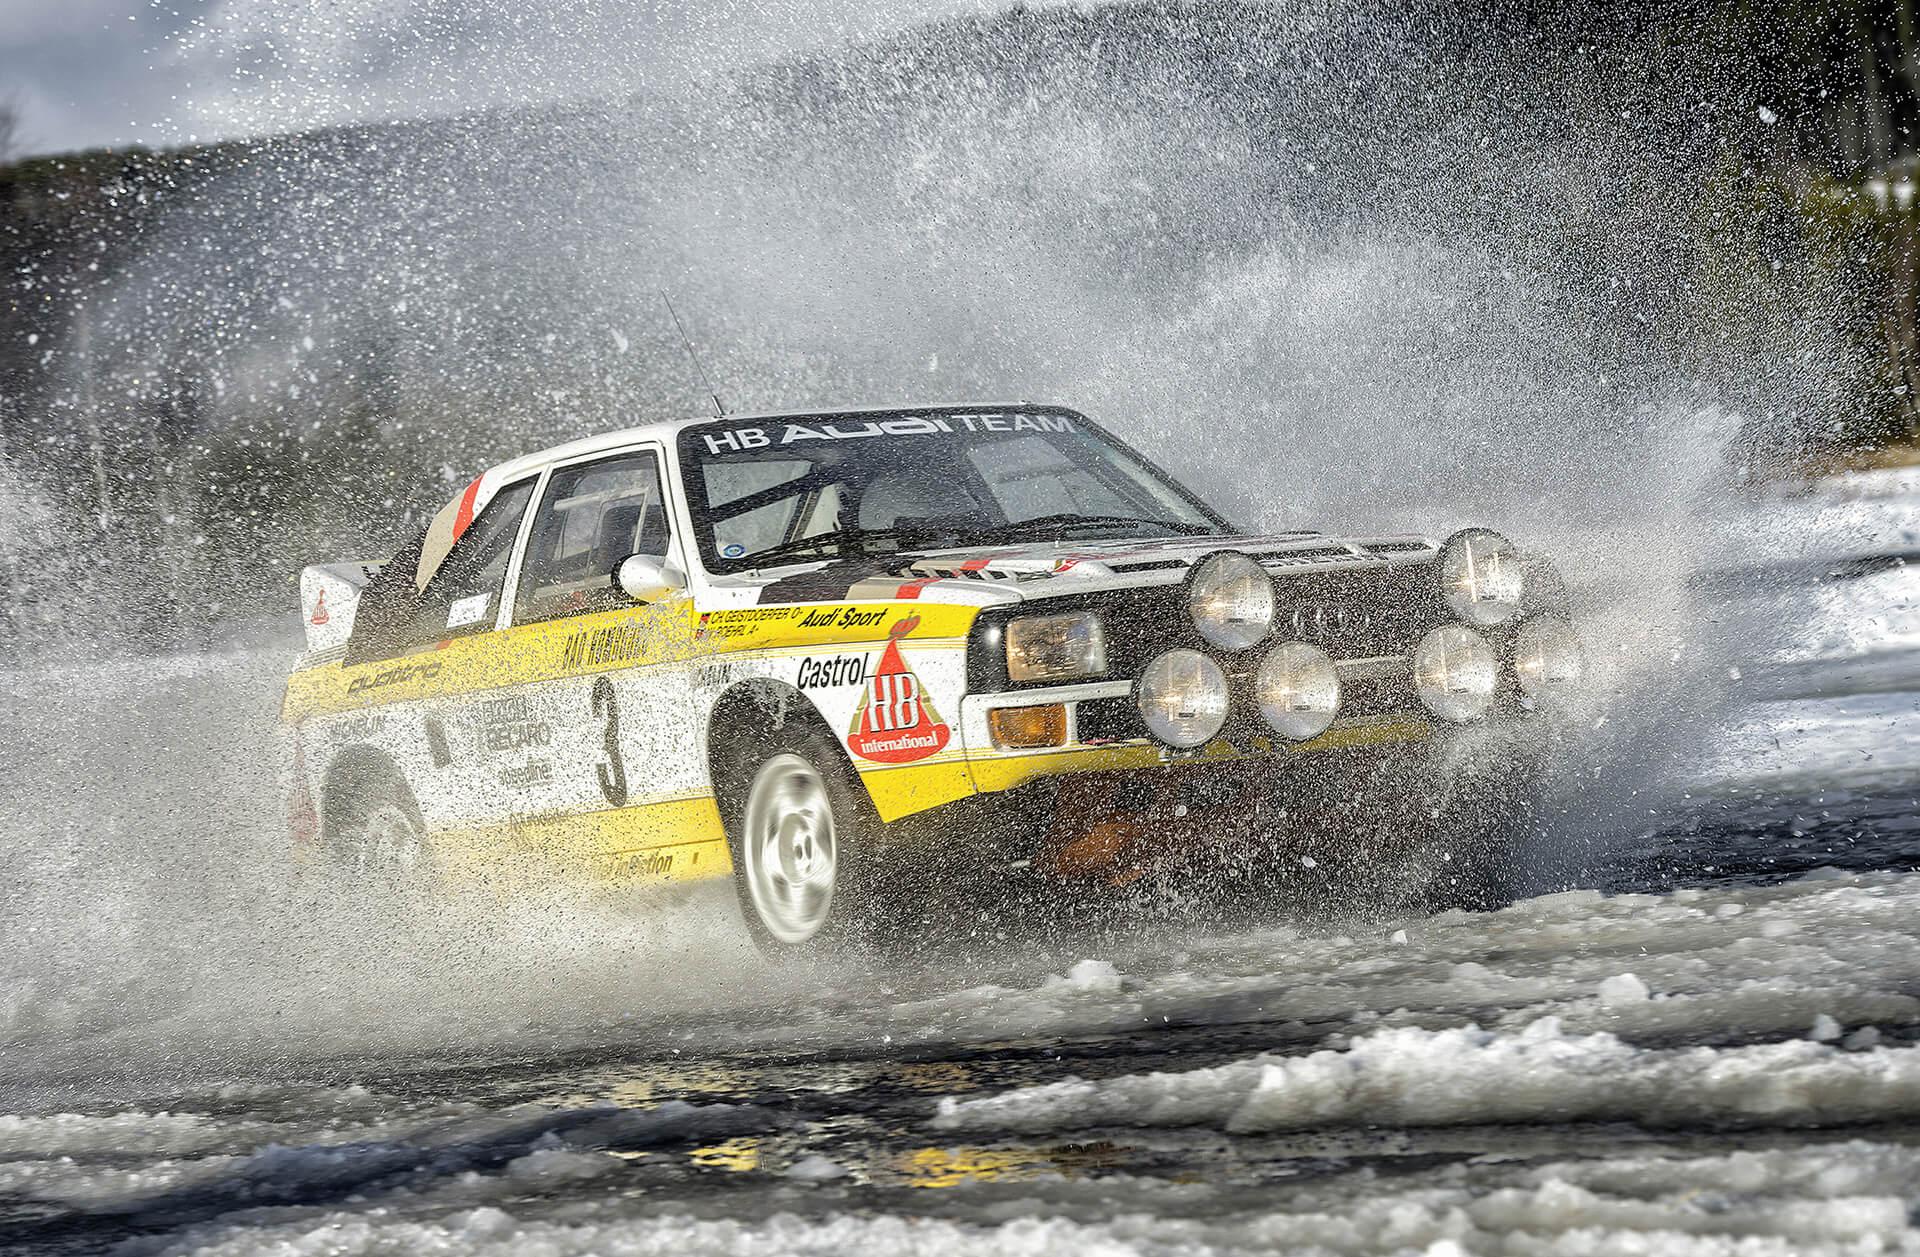 Το 1984 ήταν η πιο επιτυχημένη χρονιά για την Audi και τους οδηγούς της με quattro, στο Παγκόσμιο Πρωτάθλημα Ράλι